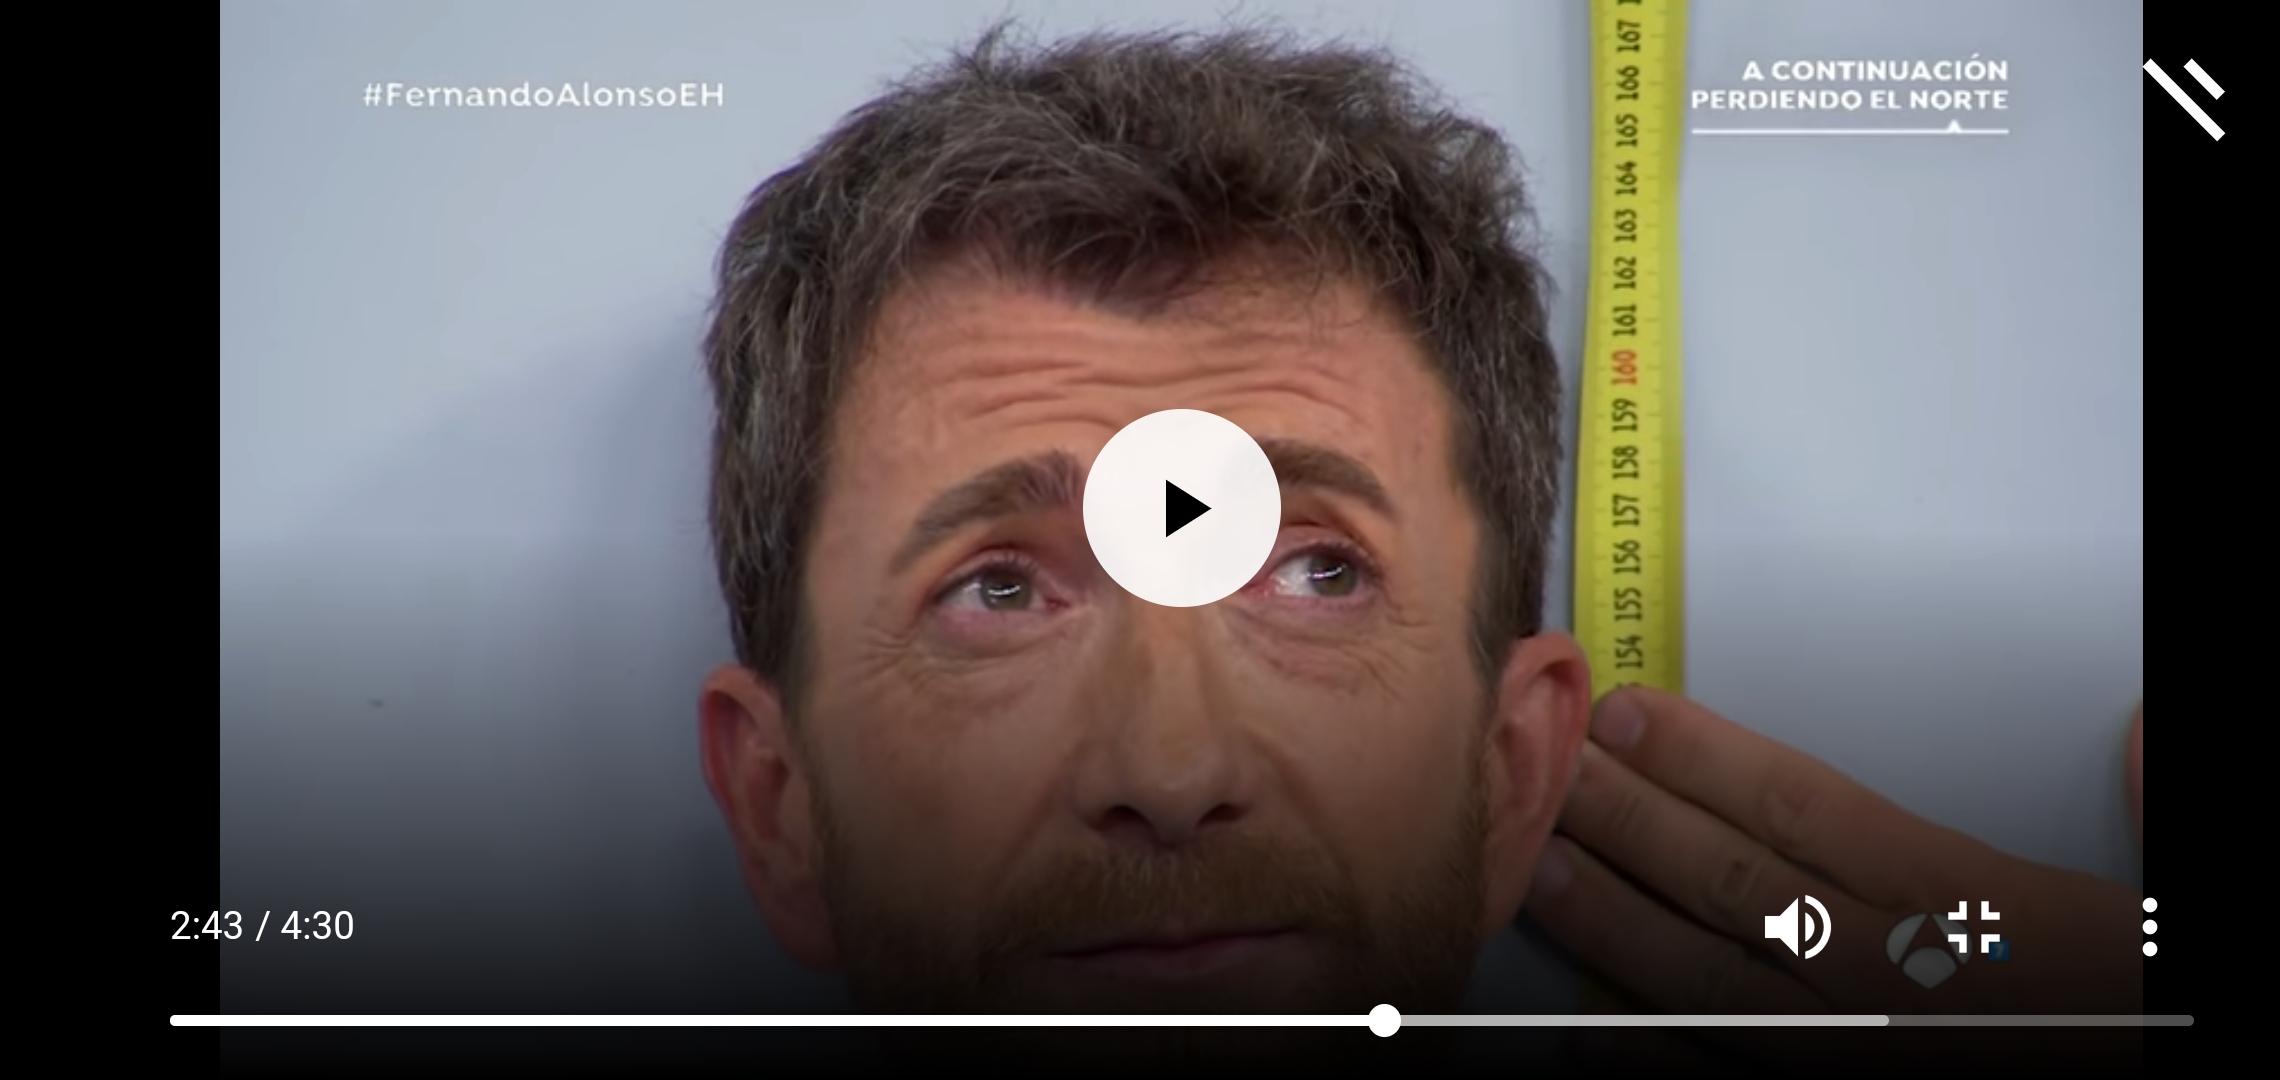 ¿Cuánto mide Pablo Motos? - Estatura real: 1,65 - Real height - Página 8 Screen85